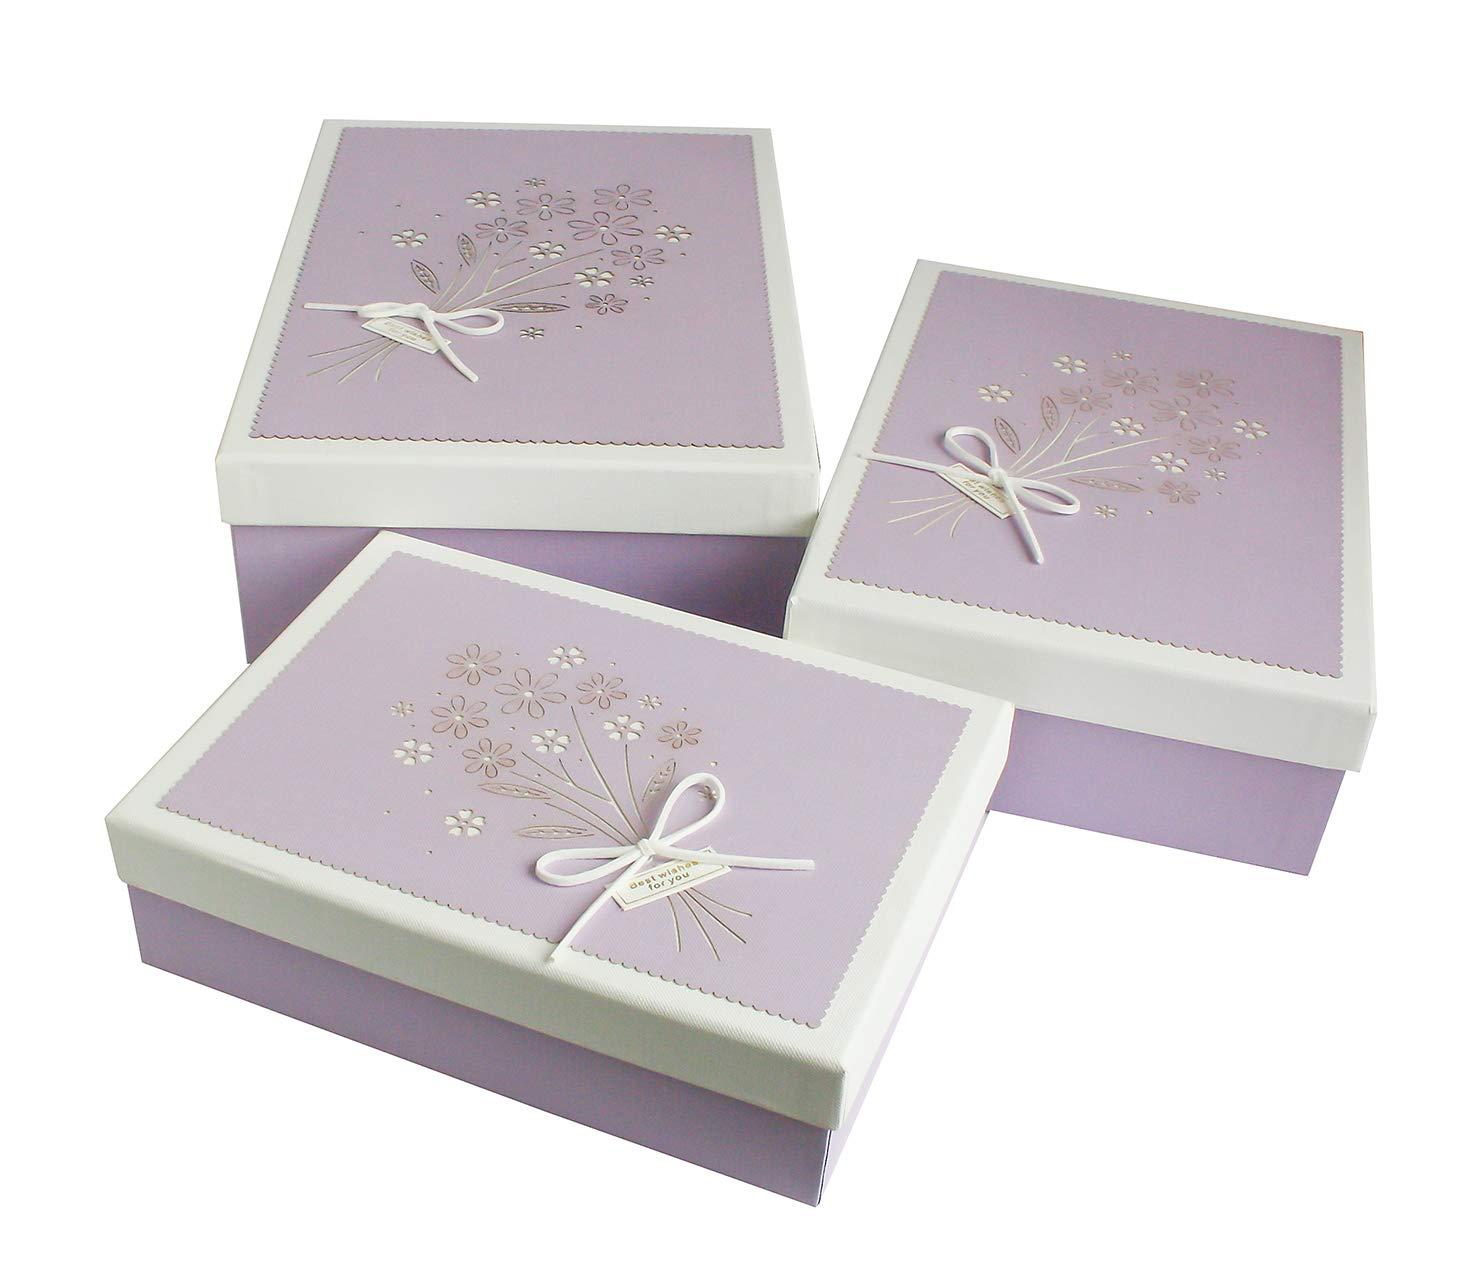 Emartbuy Set di 3 Lusso Rigido Rettangolo Confezione Regalo di Presentazione, Scatola Rosa con Coperchio Bianco/Rosa, Interno Color Cioccolato e Disegno Floreale Decorativo